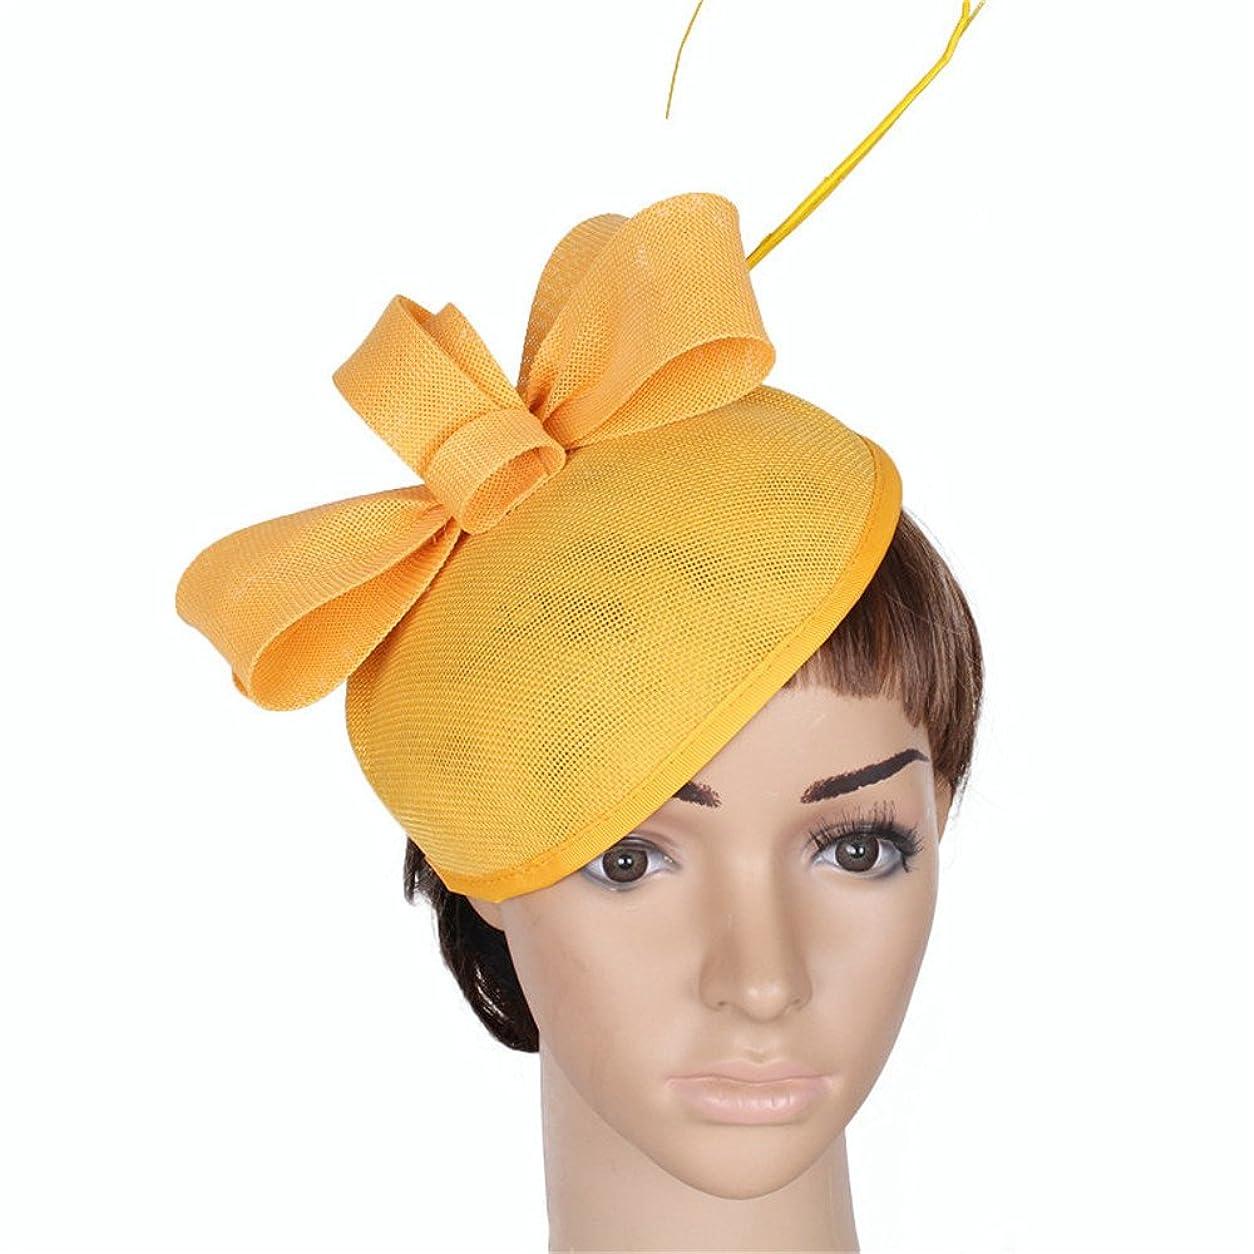 ホームビデオ野な女性の魅力的な帽子 女性の魅惑的な帽子羽メッシュメッシュカクテルティーパーティー帽子花ダービー帽子クリップゲームロイヤルアスコット (色 : 赤)